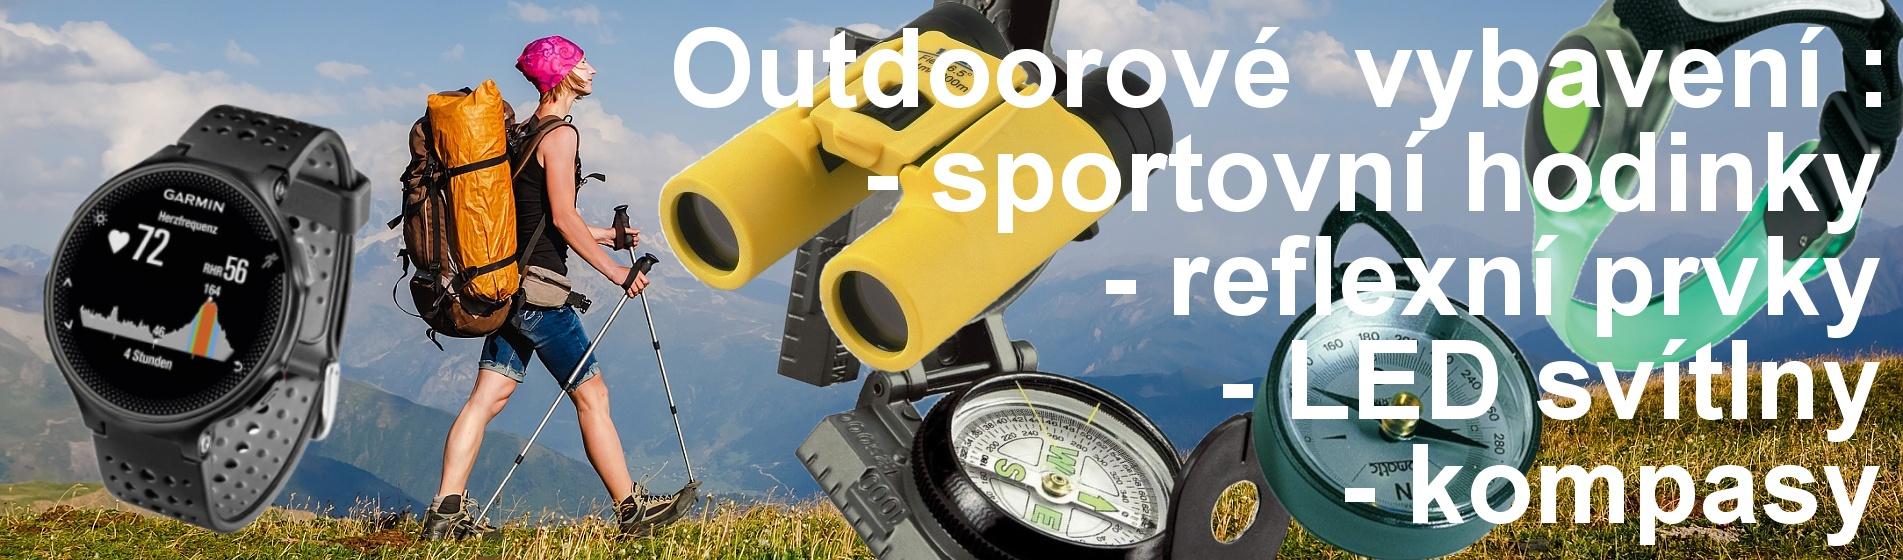 OUTDOOROVÉ vybavení, sportovní hodinky, LED svítilny, čelovky, fitness náramky, krokoměry, dalekohledy,